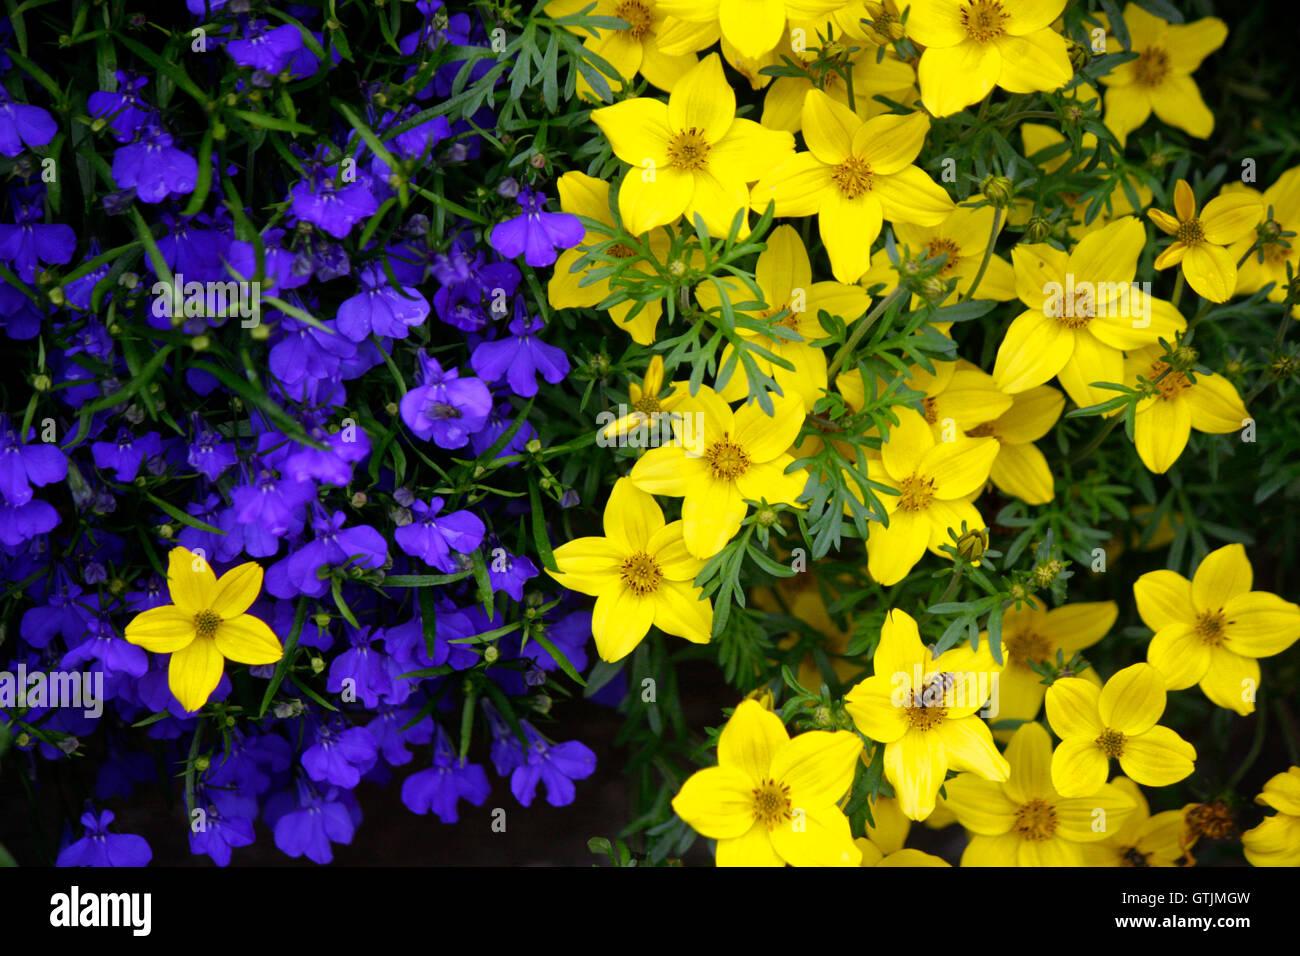 Blume, Alpen, Oesterreich. - Stock Image